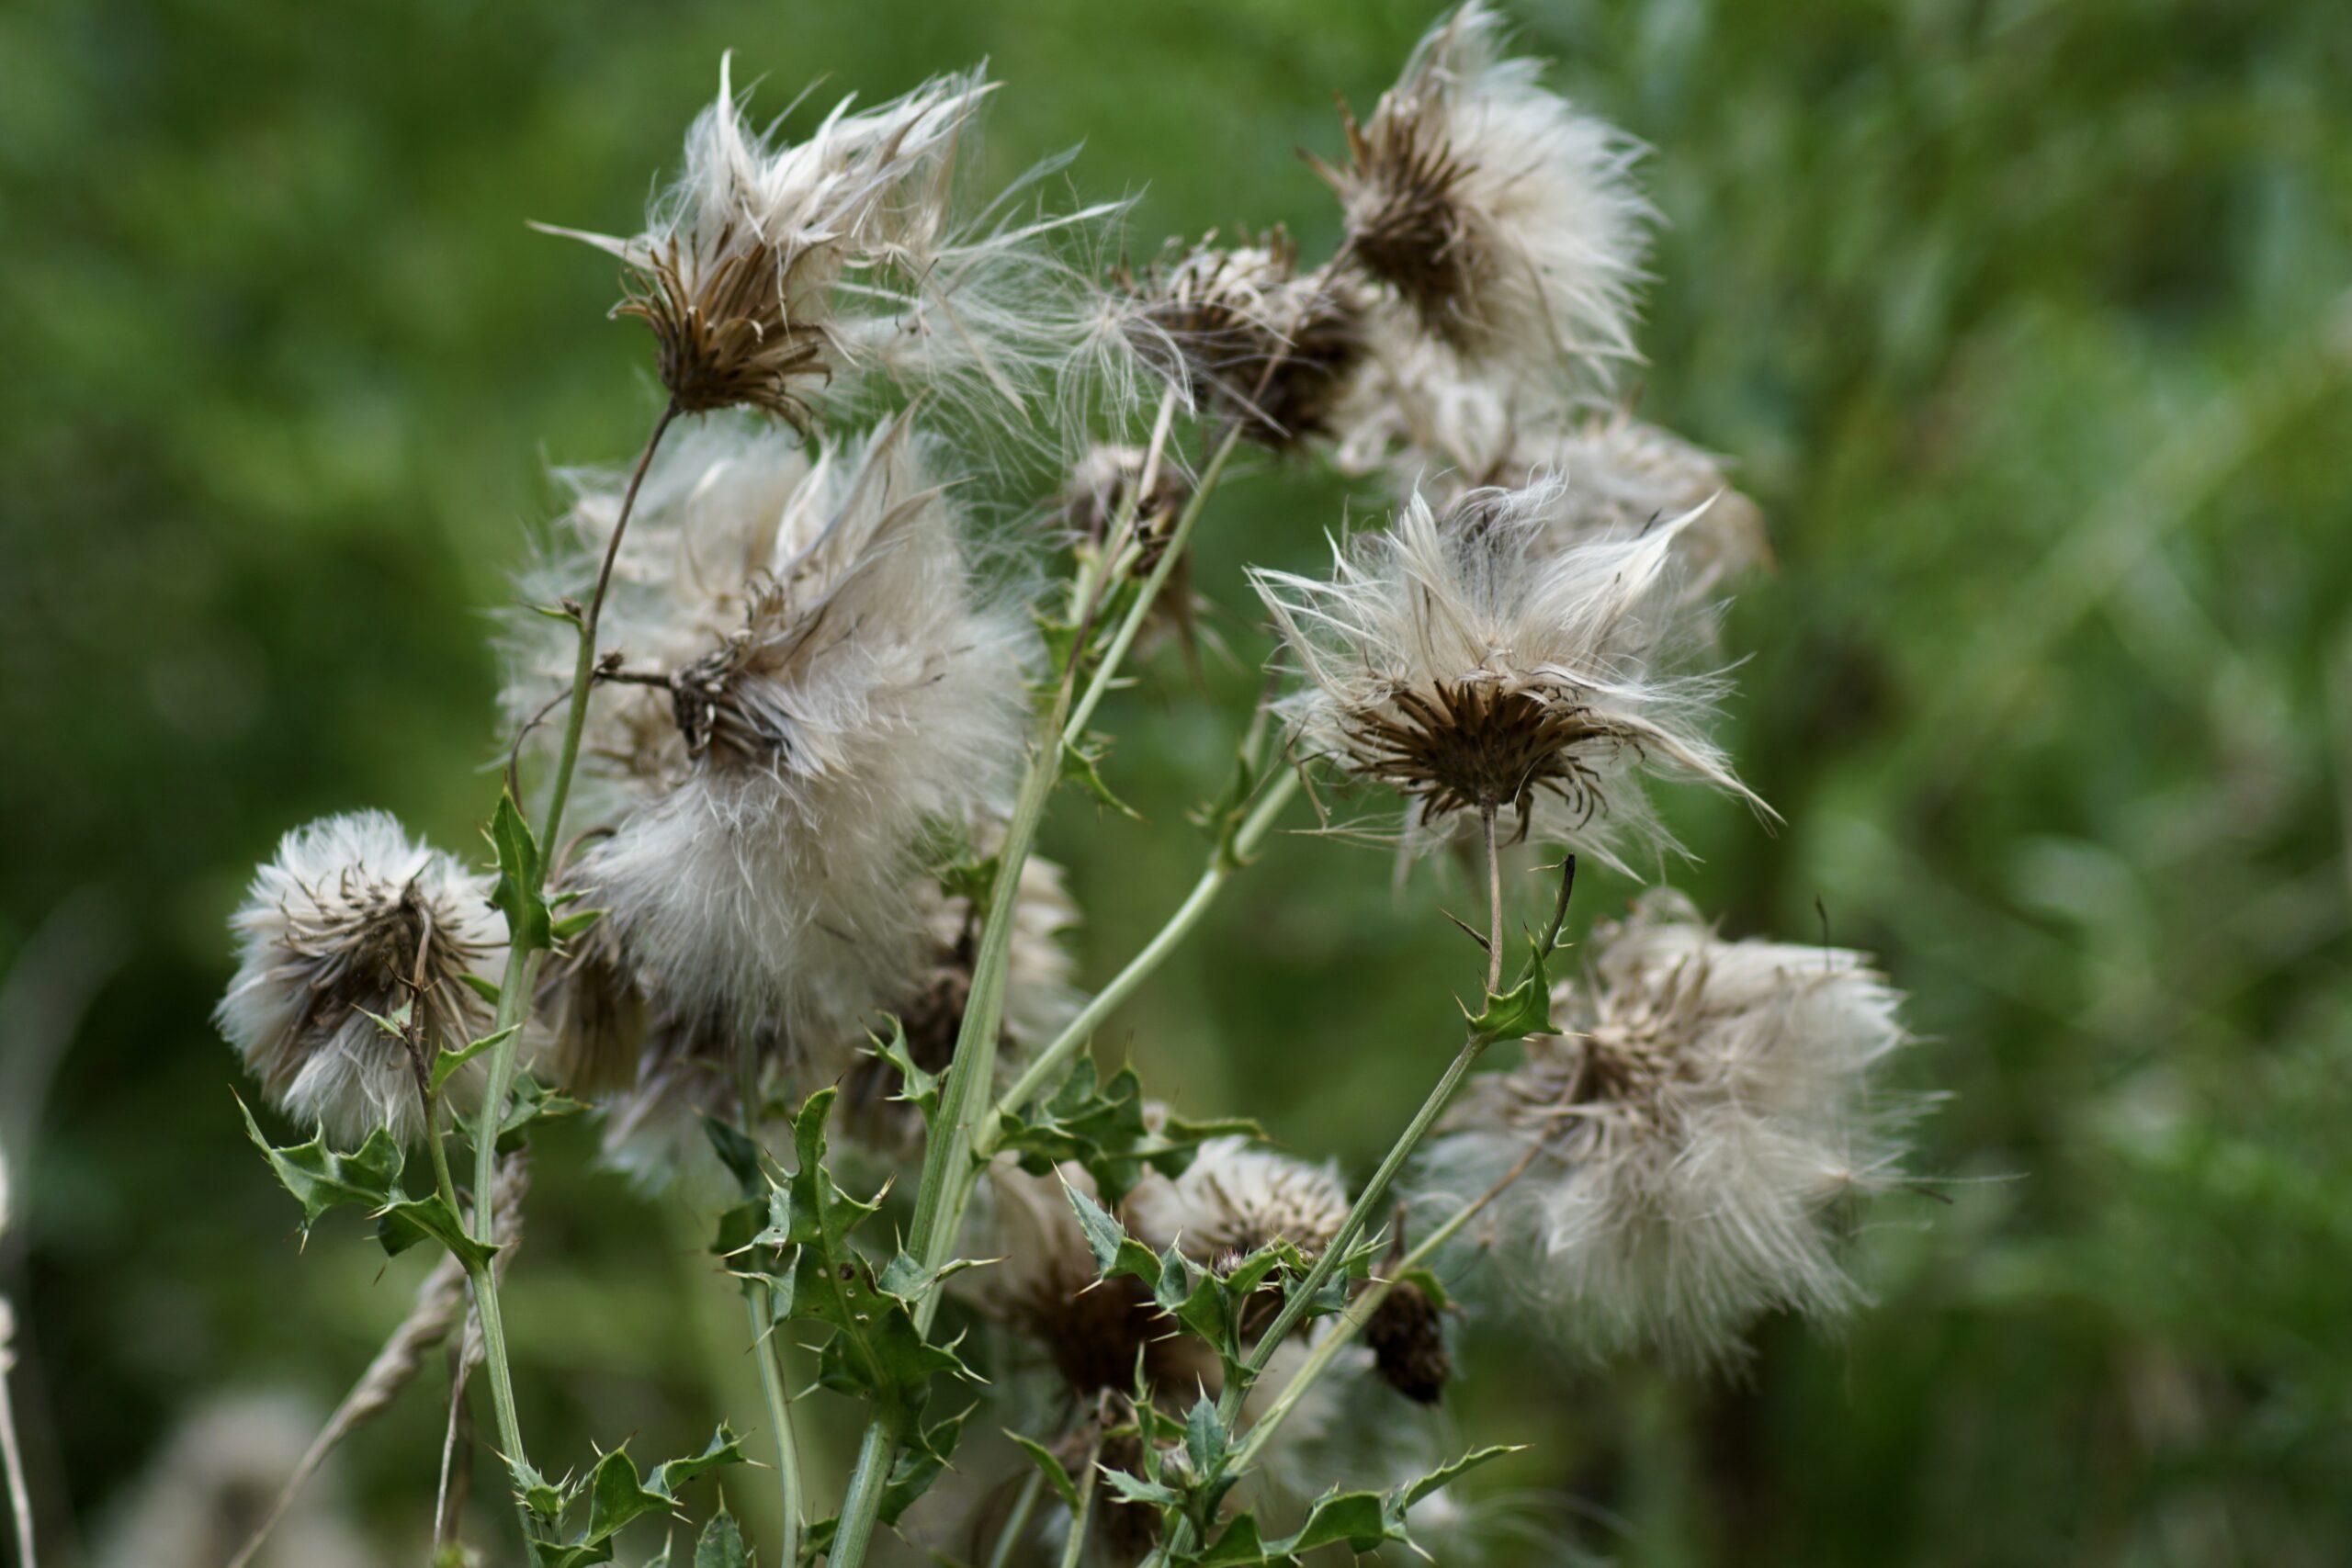 Seeds on knapweed